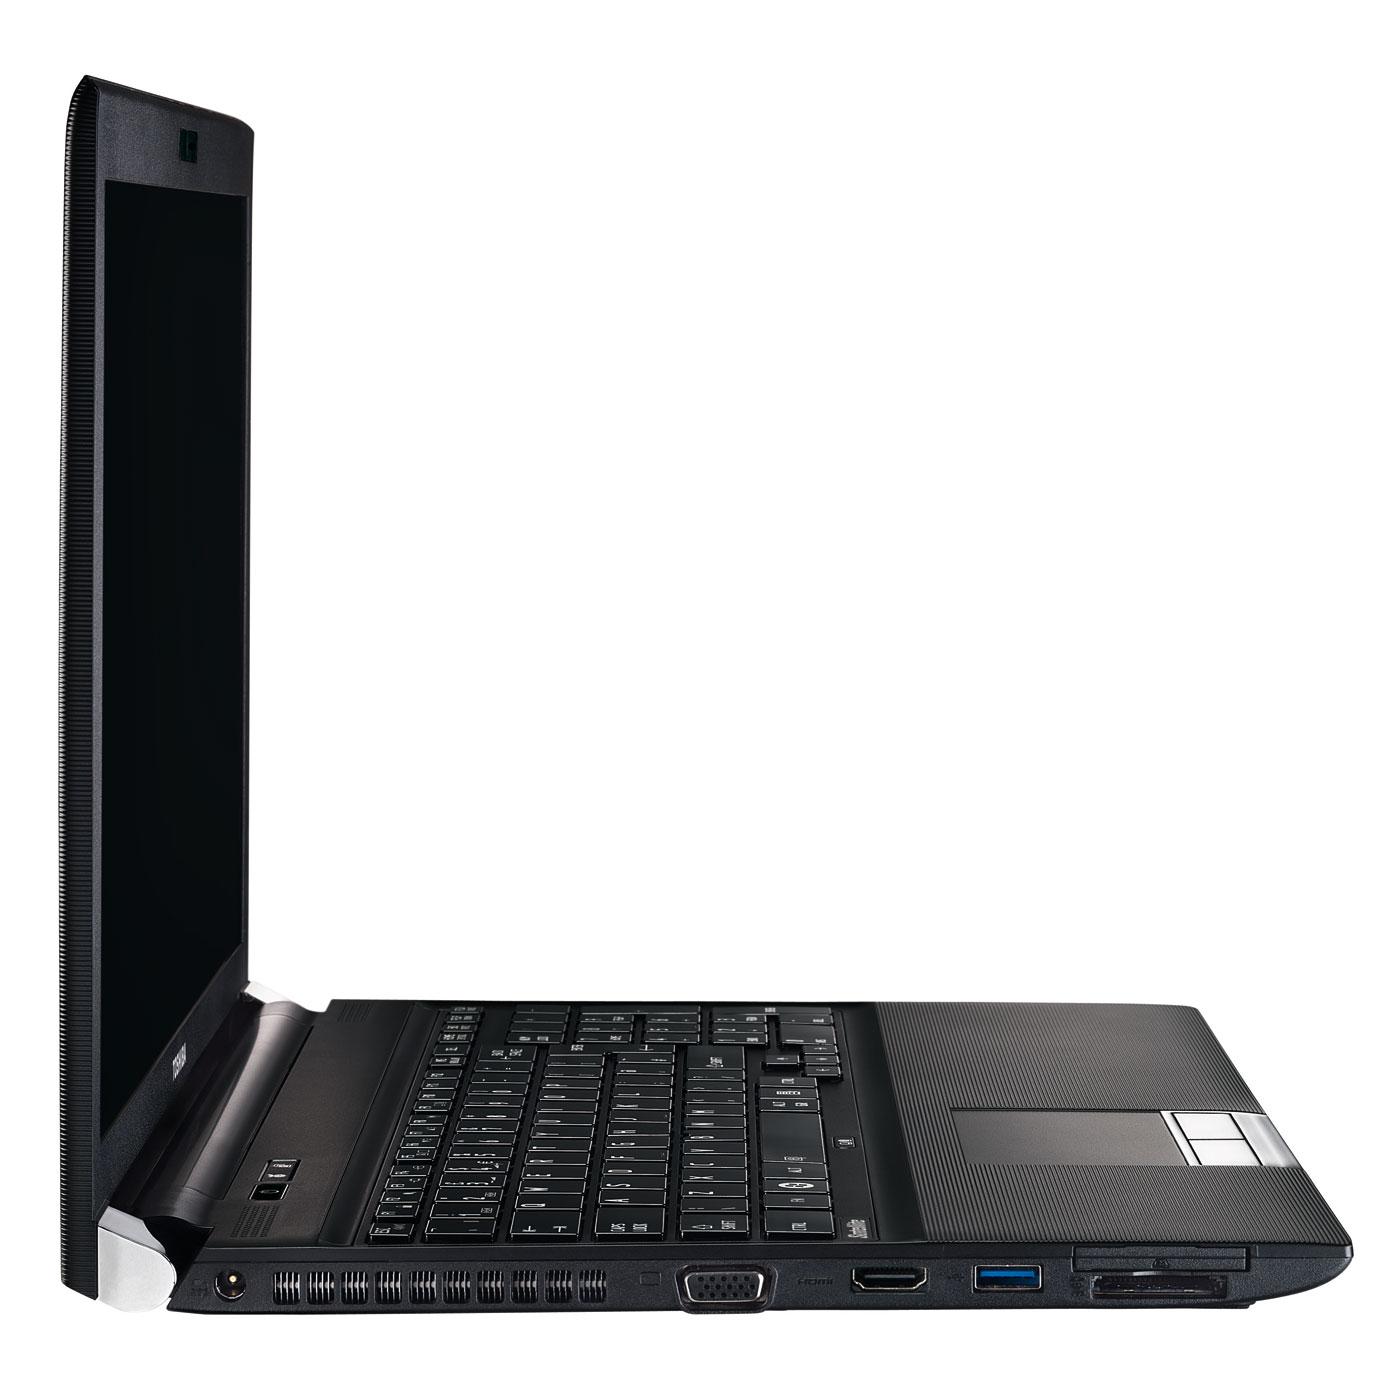 Toshiba Tecra R850-10D